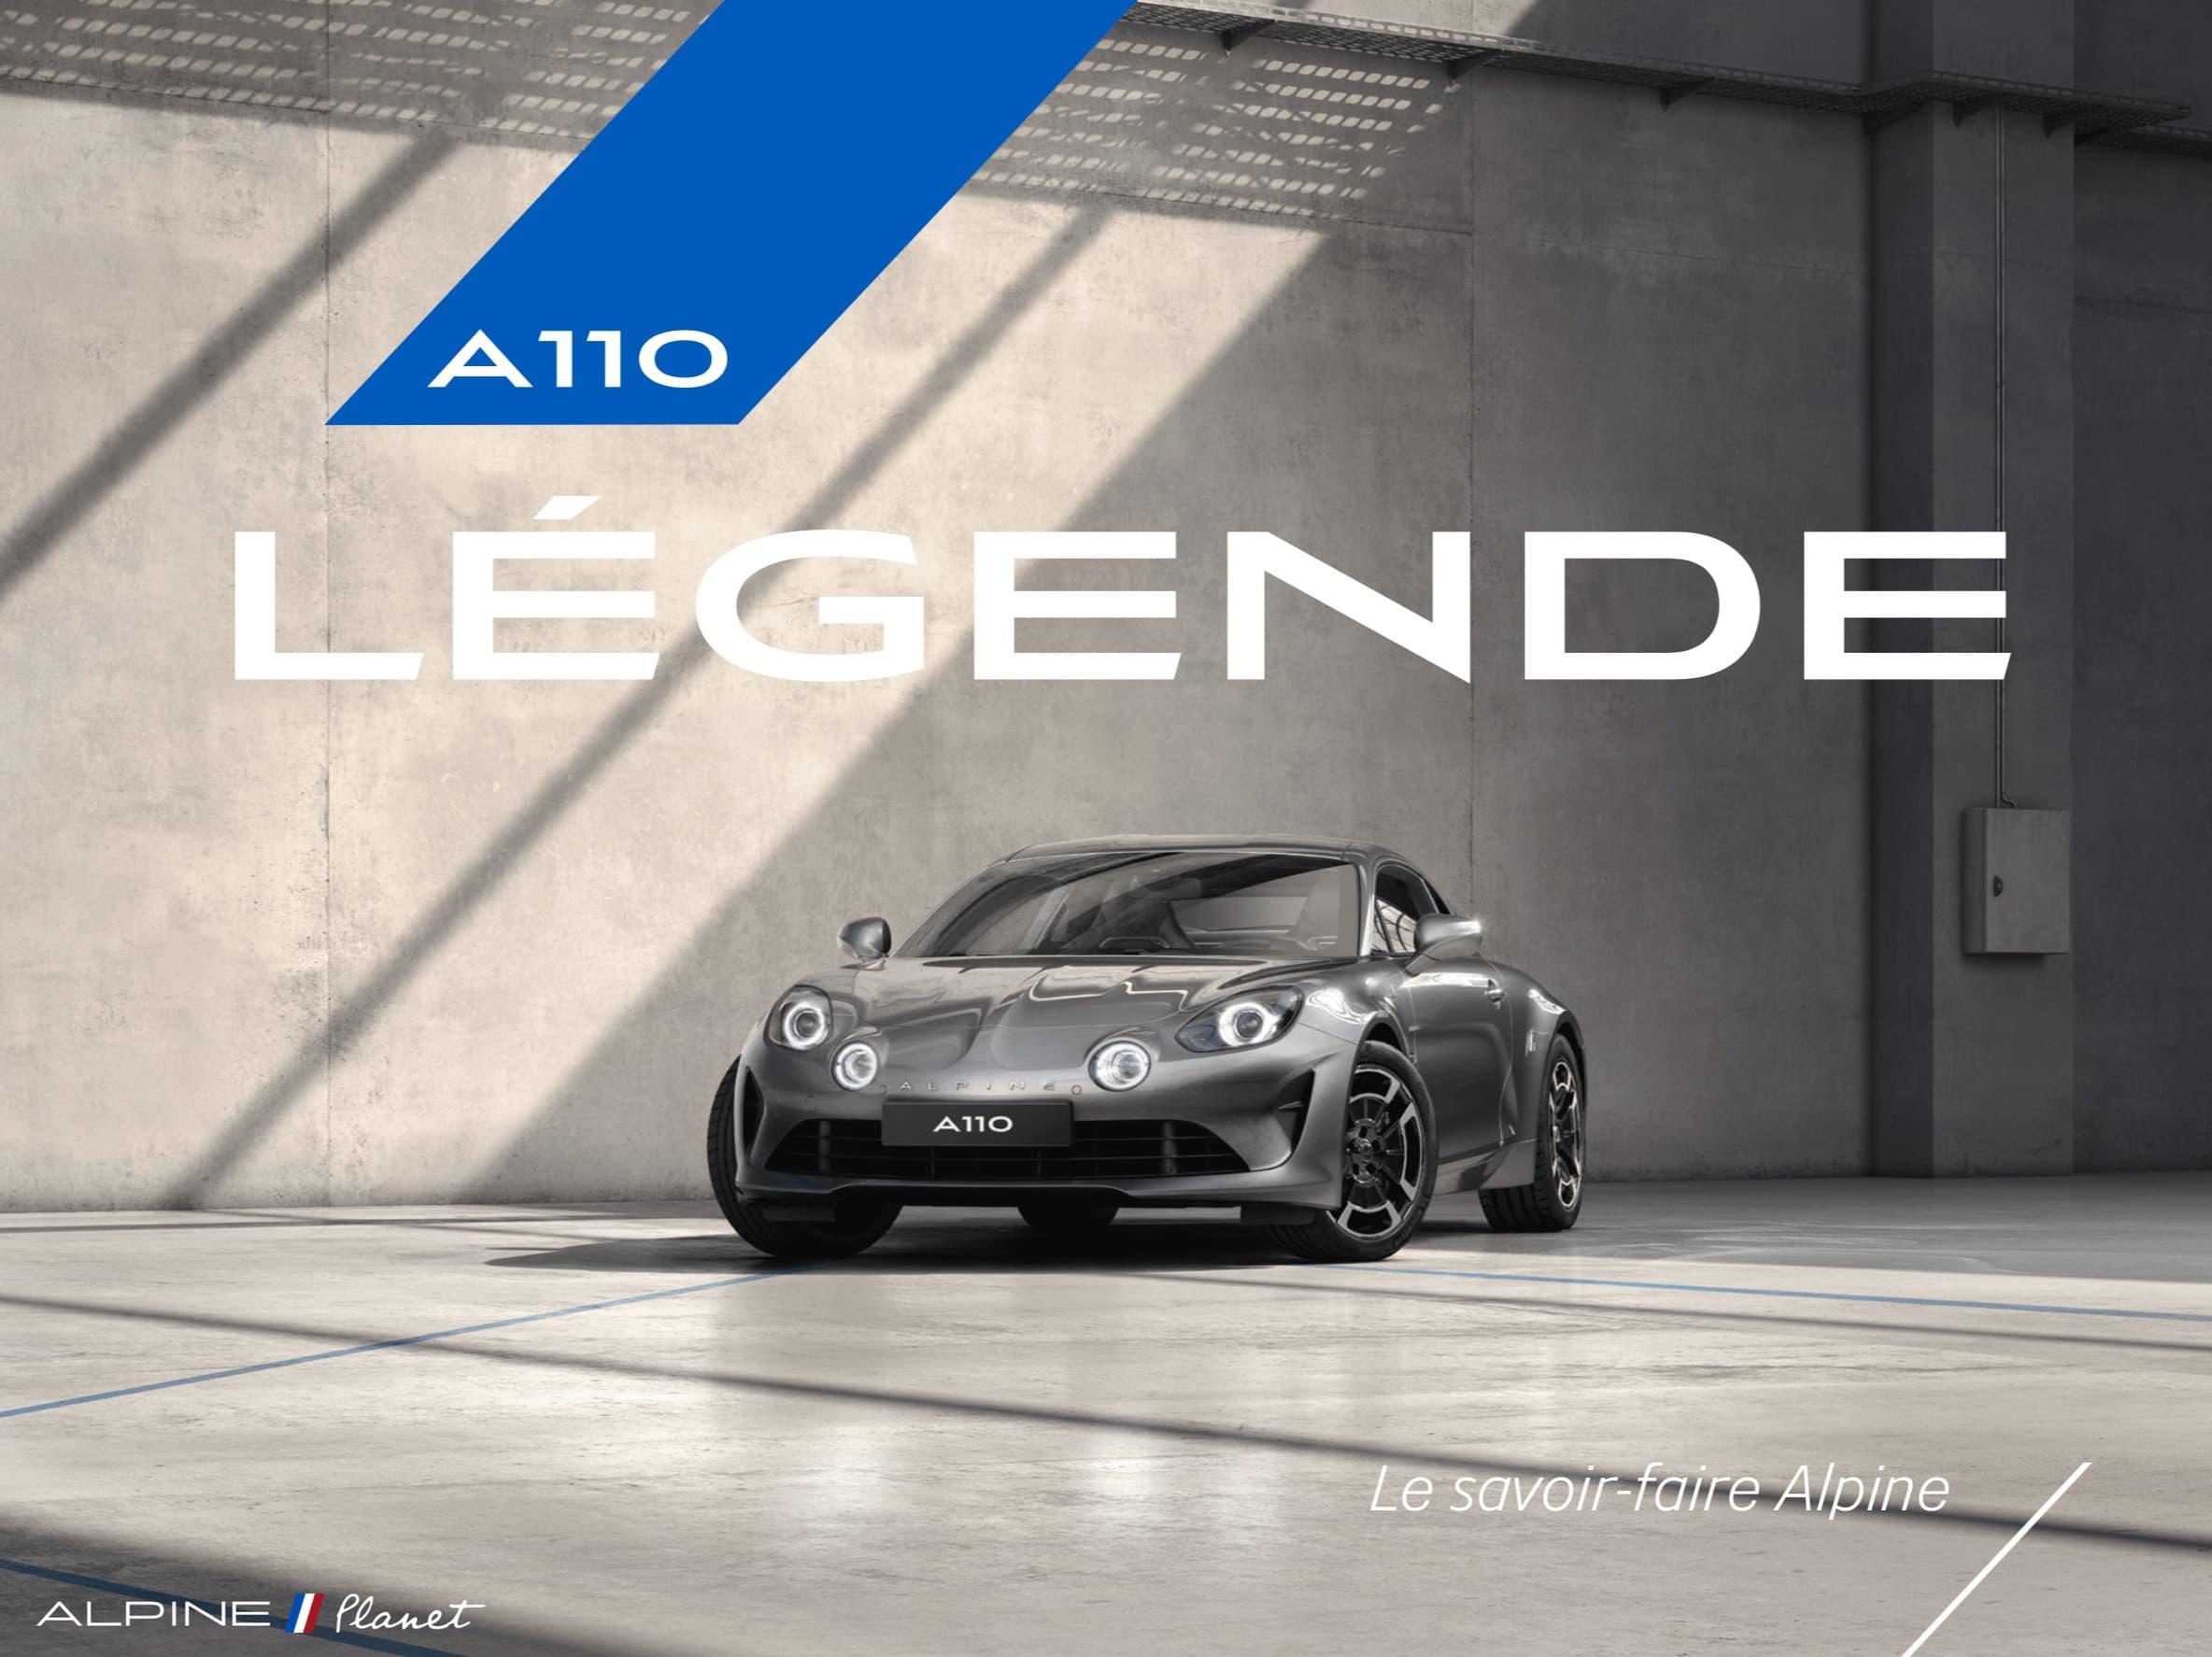 Alpine Planet pure legend reveal 11 | Alpine lève le voile sur les deux finitions pour l'A110: Pure et Légende !